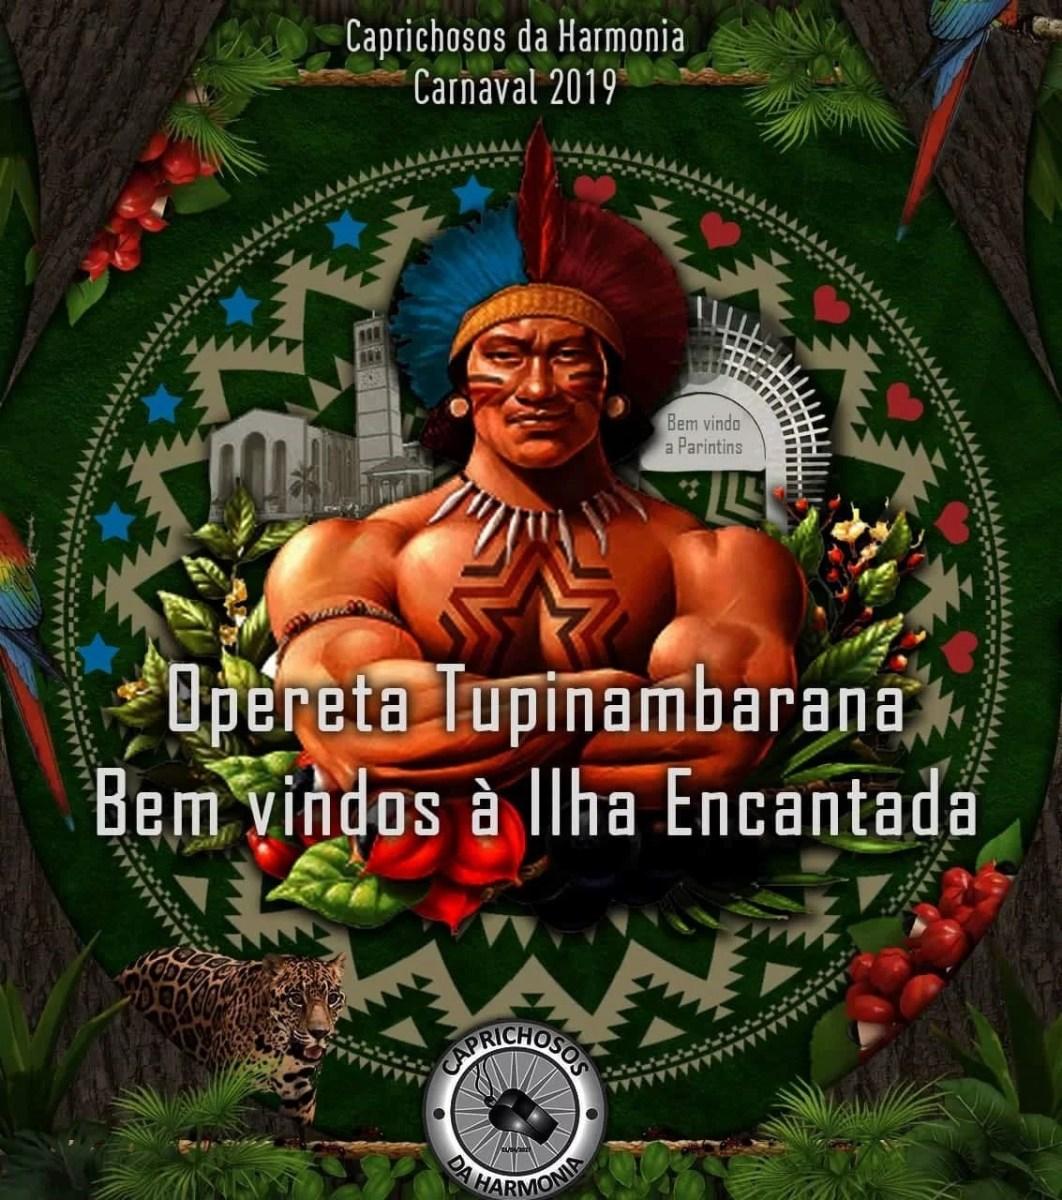 Caprichosos da Harmonia lança sua sinopse para o Carnaval Virtual 2019